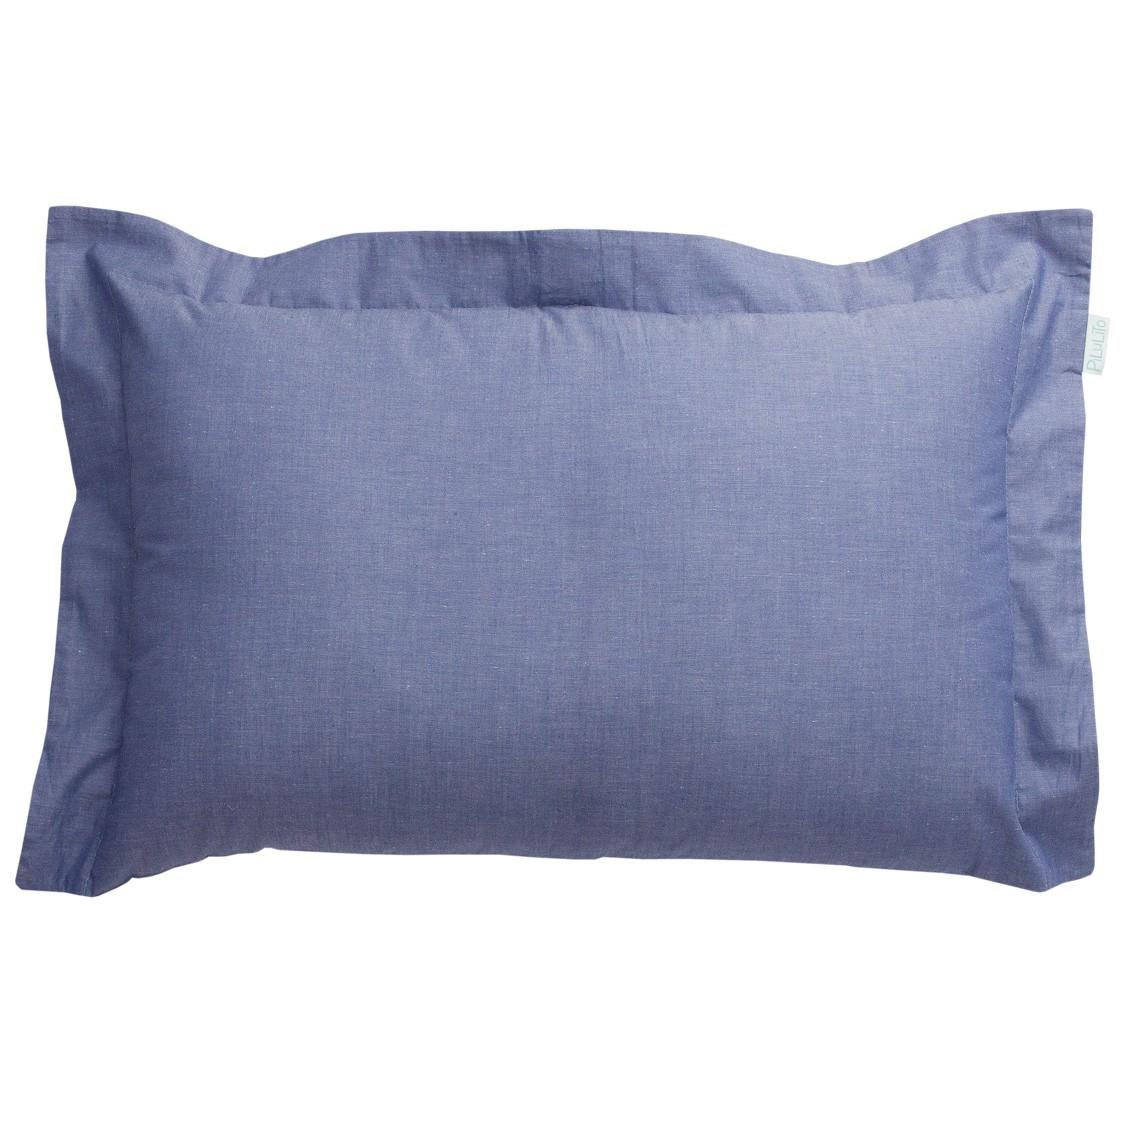 Capa de almofada de cabeceira 60x40cm azul jeans